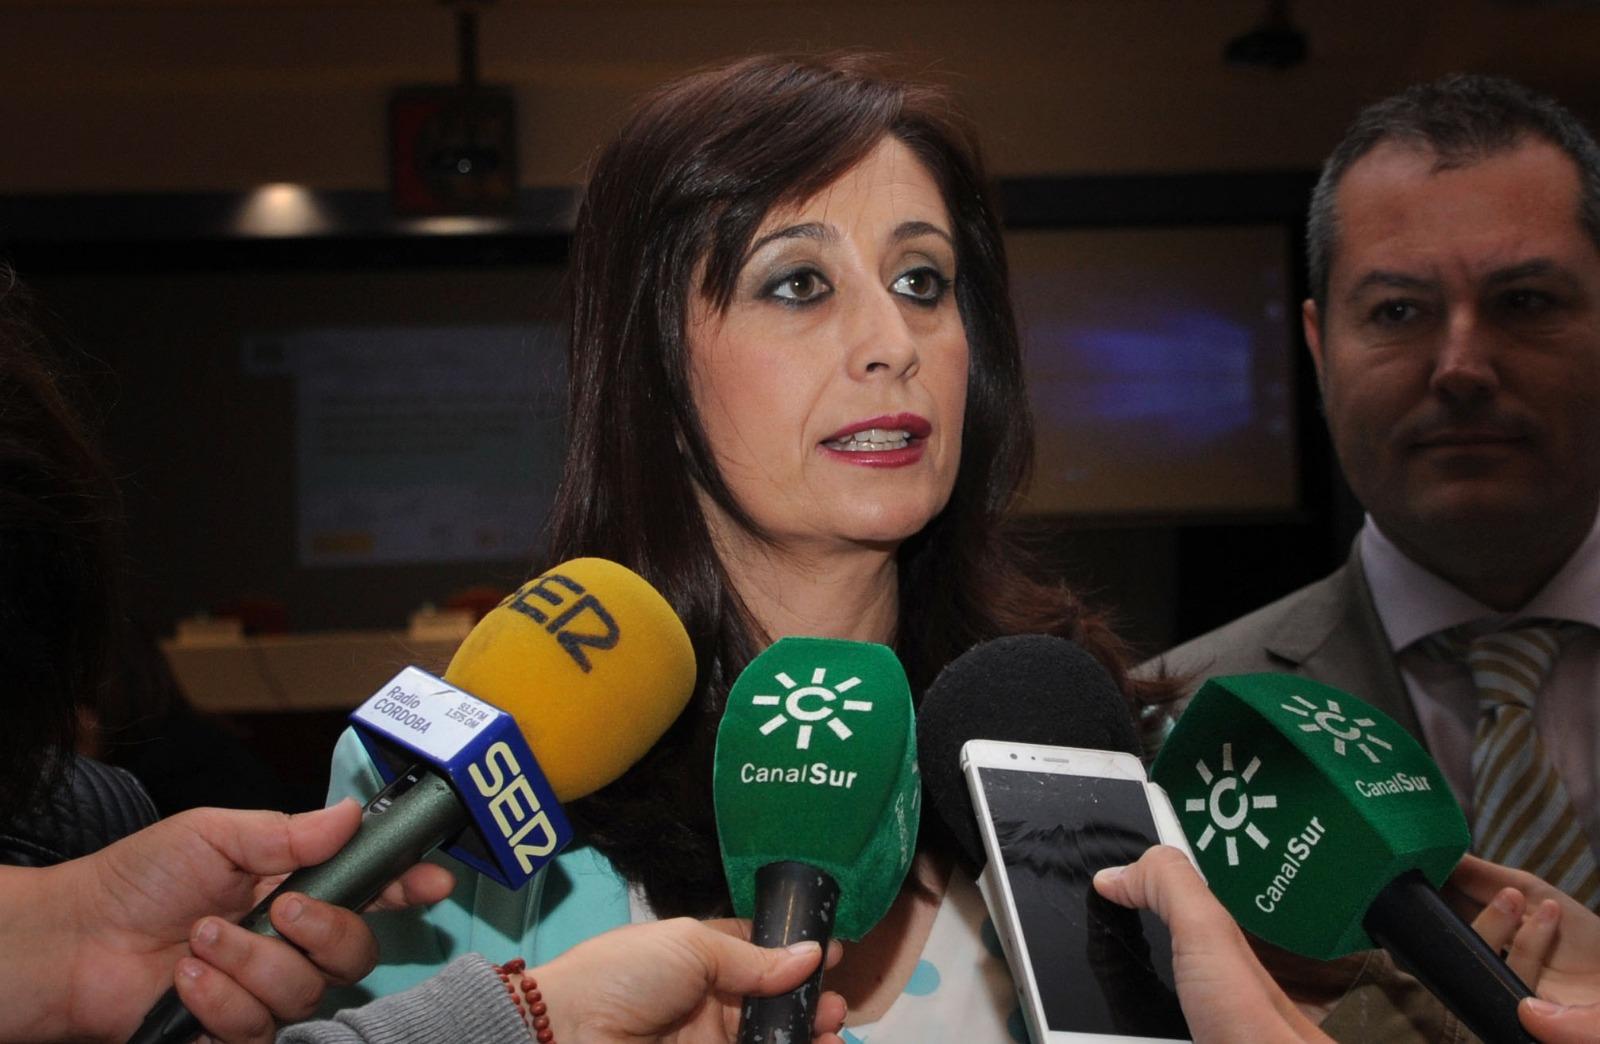 La Diputación de Córdoba garantiza el mantenimiento de todos los contratos con sus proveedores durante el Estado de Alarma